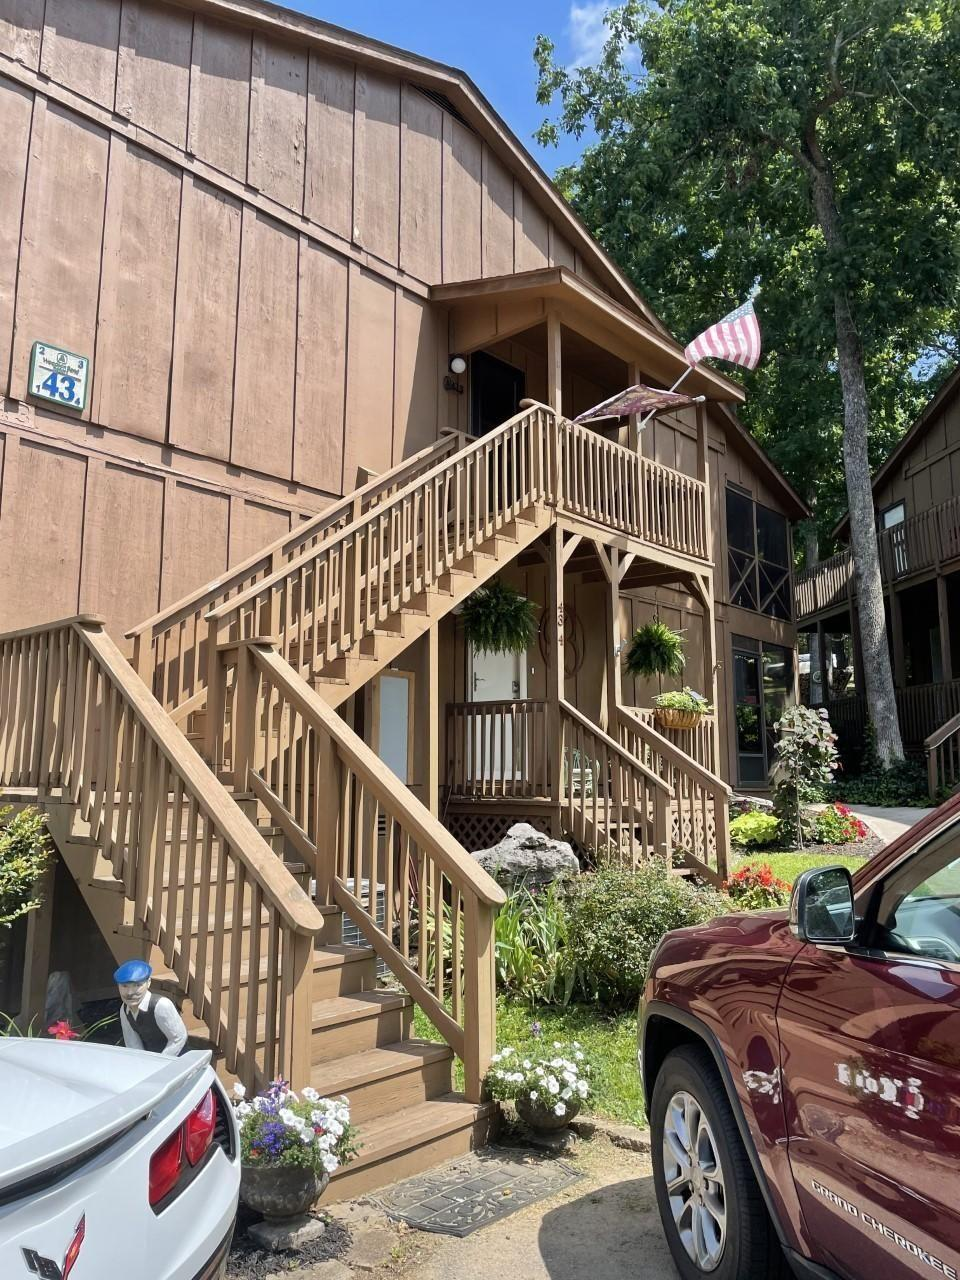 43-3 Woodson Bend Resort, Bronston, KY 42518